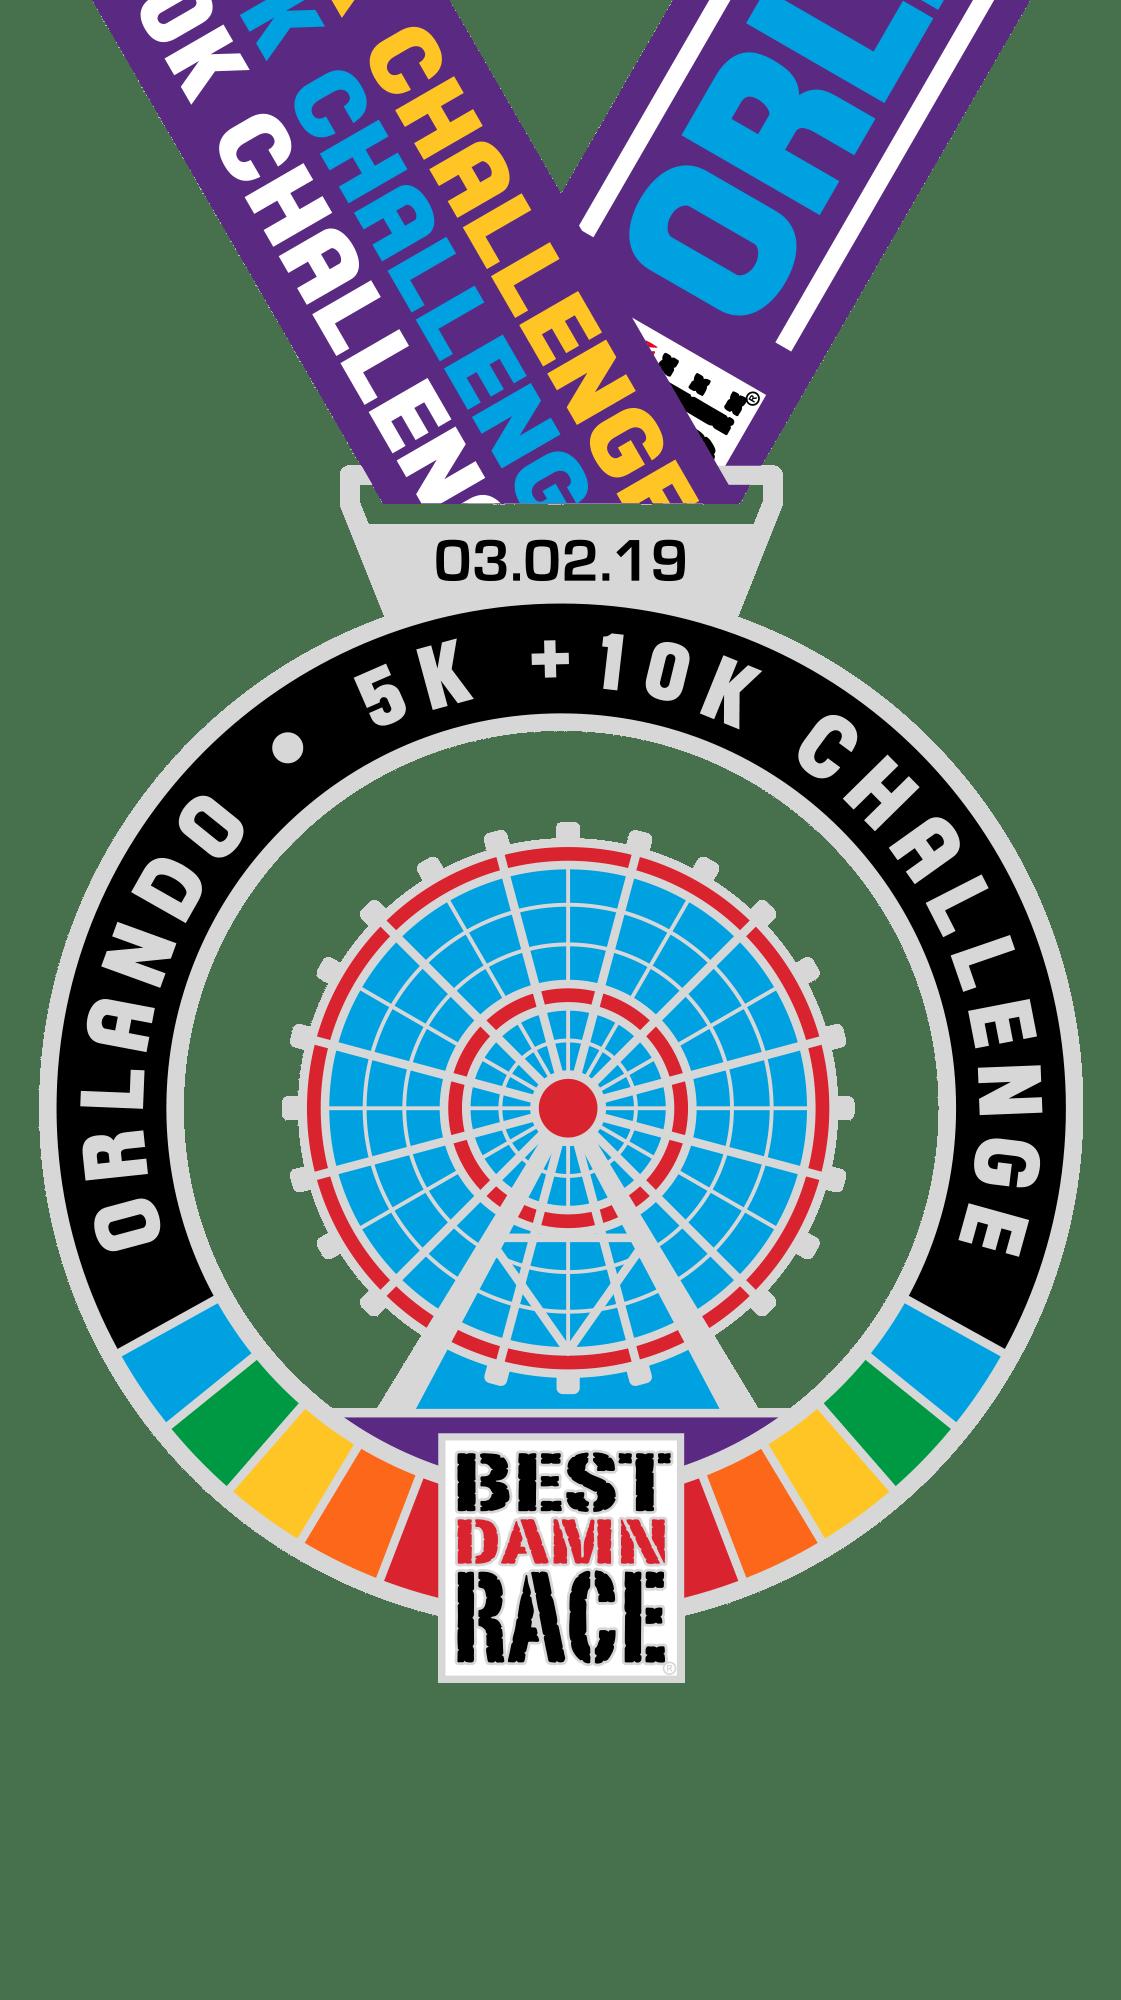 Orlando - Best Damn Race - 2018 - 5K+10K Challenge Medal